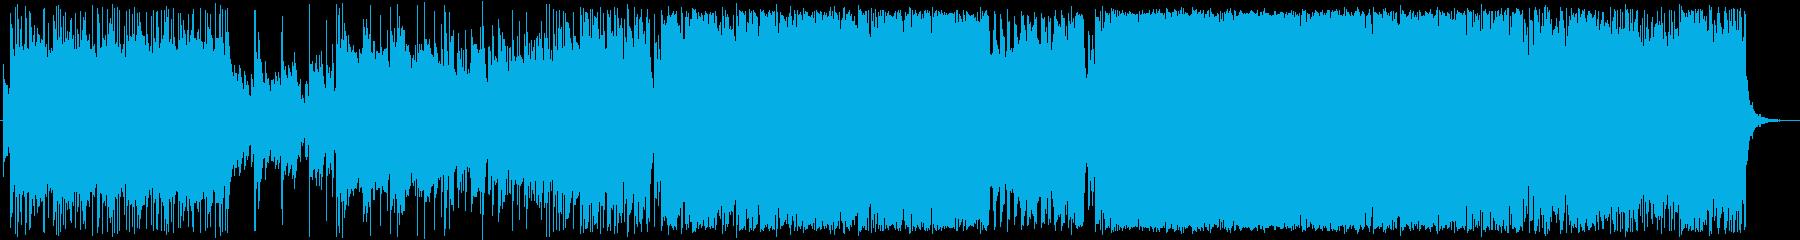 かっこいいサイバー感あるロック曲の再生済みの波形